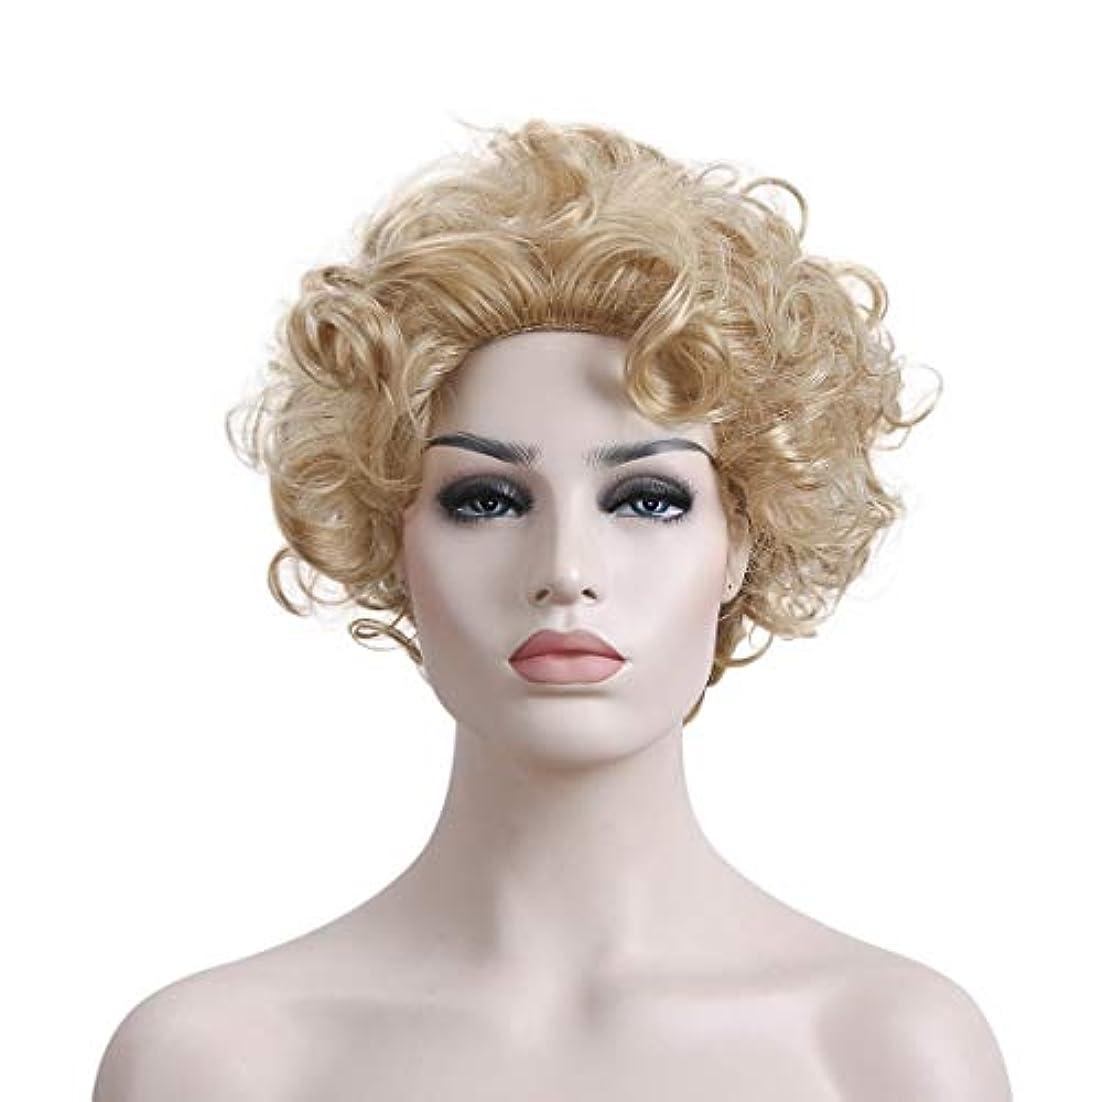 オートマトンひどくエキゾチックYOUQIU 10インチホワイト女性金髪ボブウィッグ自然な熱のためのショートカーリーウィッグ性合成ファッションかつらウィッグ (色 : ゴールド, サイズ : 10